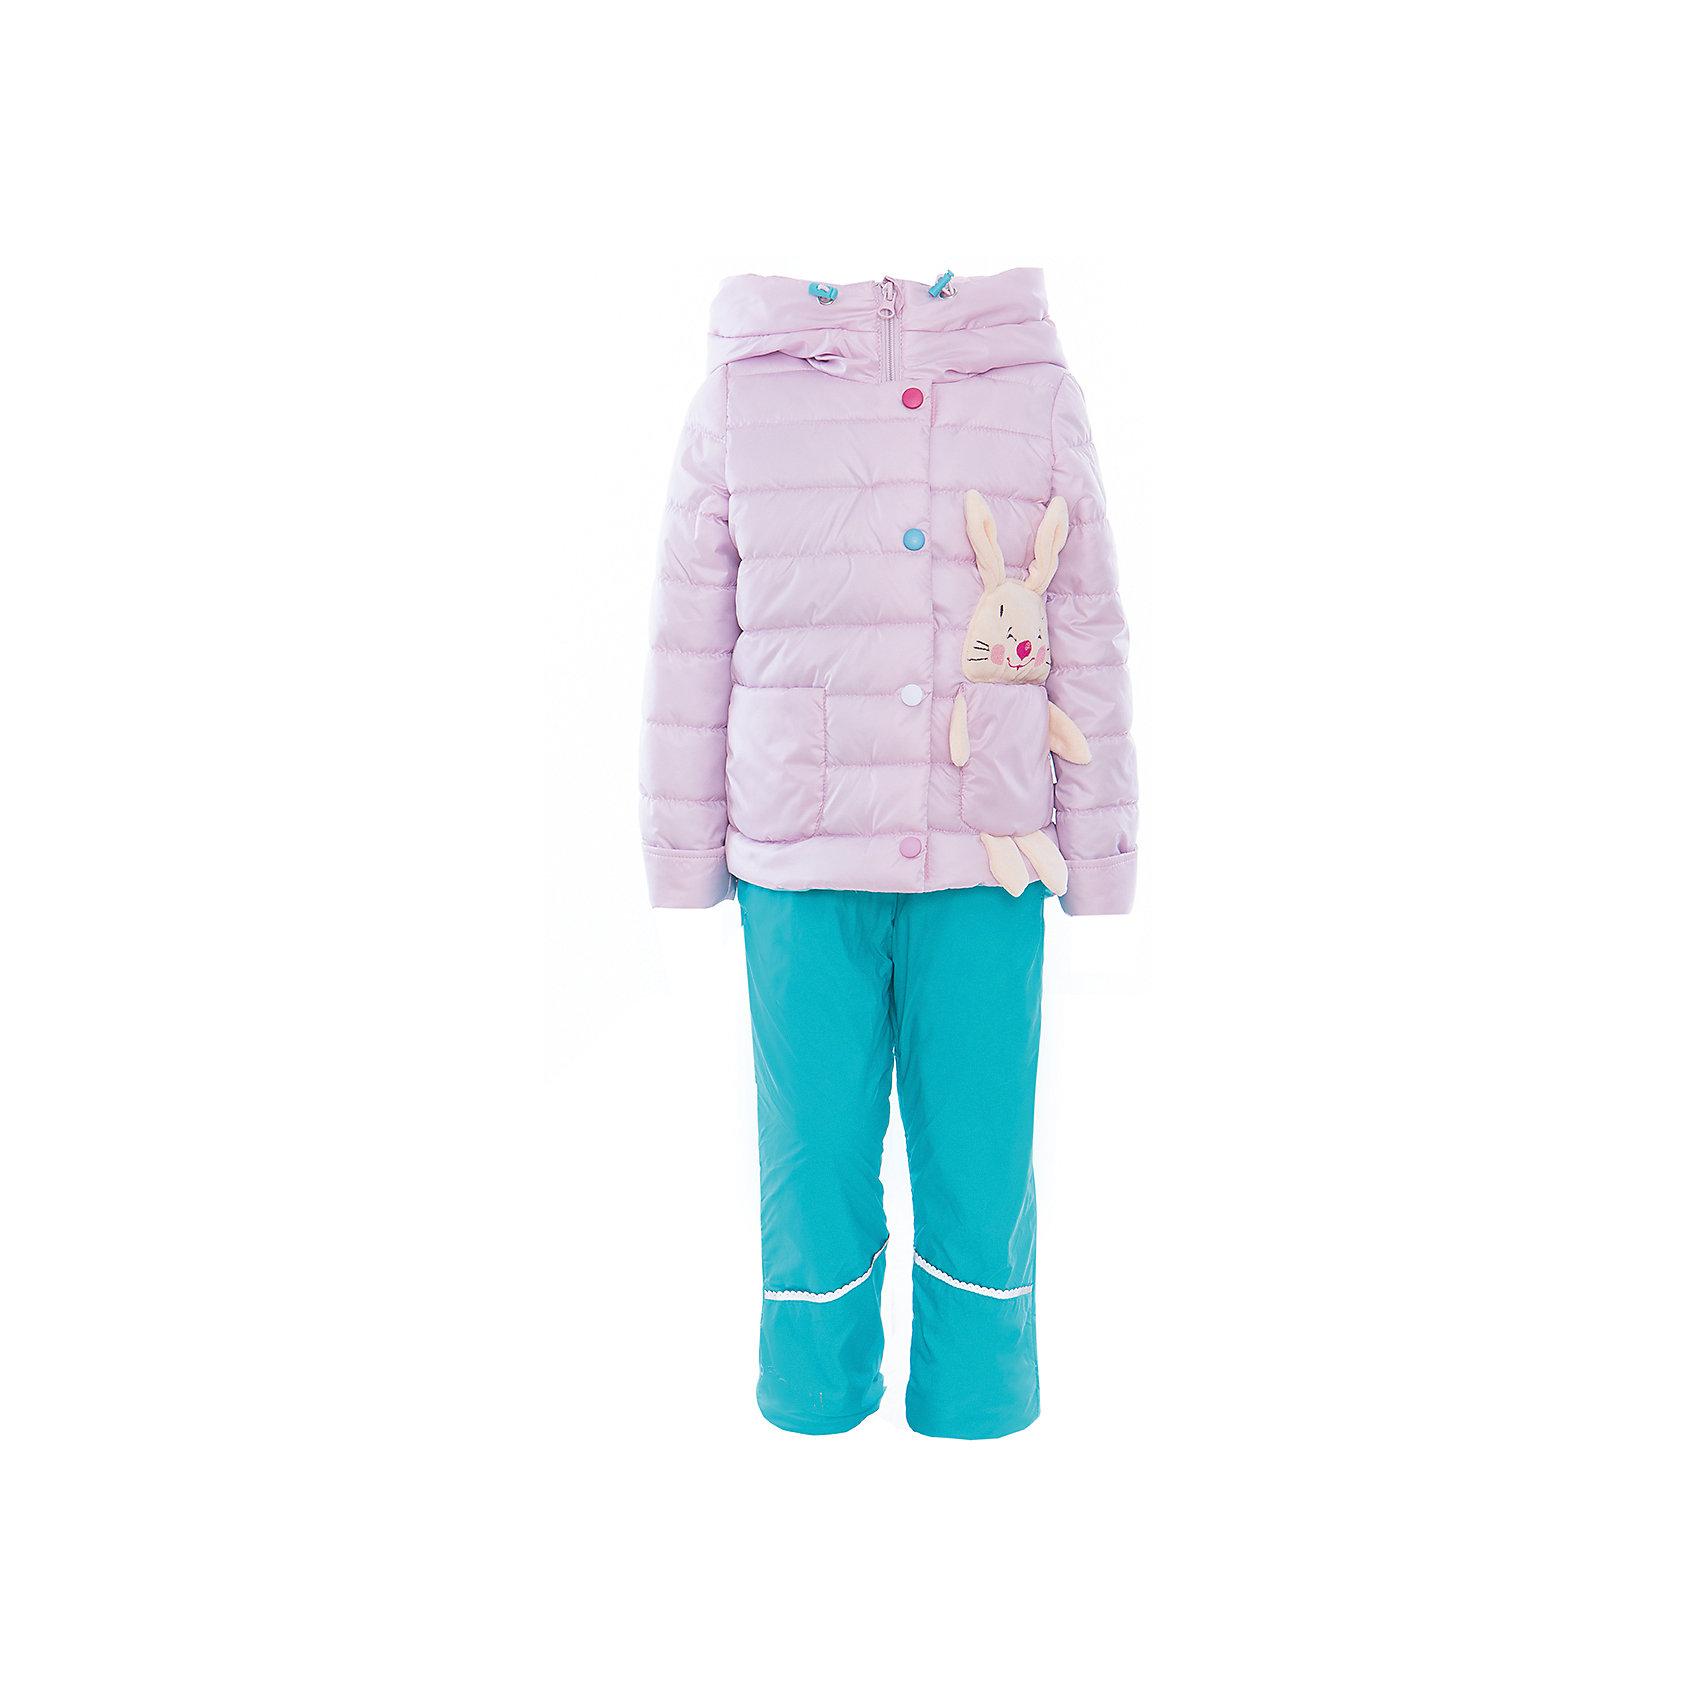 Комплект для девочки BOOM by OrbyВерхняя одежда<br>Характеристики товара:<br><br>• цвет: розовый/бирюзовый<br>• состав: <br>курточка: верх - таффета, подкладка - поликоттон, полиэстер, утеплитель: эко-синтепон 150 г/м2<br>брюки: верх - таффета, подкладка - флис<br>• комплектация: куртка, брюки<br>• температурный режим: от -5 С° до +10 С° <br>• из прочной ткани<br>• застежка - молния<br>• благодаря манжетам-отворотам значительно регулируется размер<br>• оригинальный декор<br>• карманы<br>• комфортная посадка<br>• страна производства: Российская Федерация<br>• страна бренда: Российская Федерация<br>• коллекция: весна-лето 2017<br><br>Такой комплект - универсальный вариант для межсезонья с постоянно меняющейся погодой. Эта модель - модная и удобная одновременно! Изделие отличается стильным ярким дизайном. Куртка и брюки хорошо сидят по фигуре, отлично сочетается с различной обувью. Модель была разработана специально для детей.<br><br>Одежда от российского бренда BOOM by Orby уже завоевала популярностью у многих детей и их родителей. Вещи, выпускаемые компанией, качественные, продуманные и очень удобные. Для производства коллекций используются только безопасные для детей материалы. Спешите приобрести модели из новой коллекции Весна-лето 2017! <br><br>Комплект для девочки от бренда BOOM by Orby можно купить в нашем интернет-магазине.<br><br>Ширина мм: 356<br>Глубина мм: 10<br>Высота мм: 245<br>Вес г: 519<br>Цвет: розовый<br>Возраст от месяцев: 12<br>Возраст до месяцев: 18<br>Пол: Женский<br>Возраст: Детский<br>Размер: 122,104,86,92,110,98,116<br>SKU: 5343662